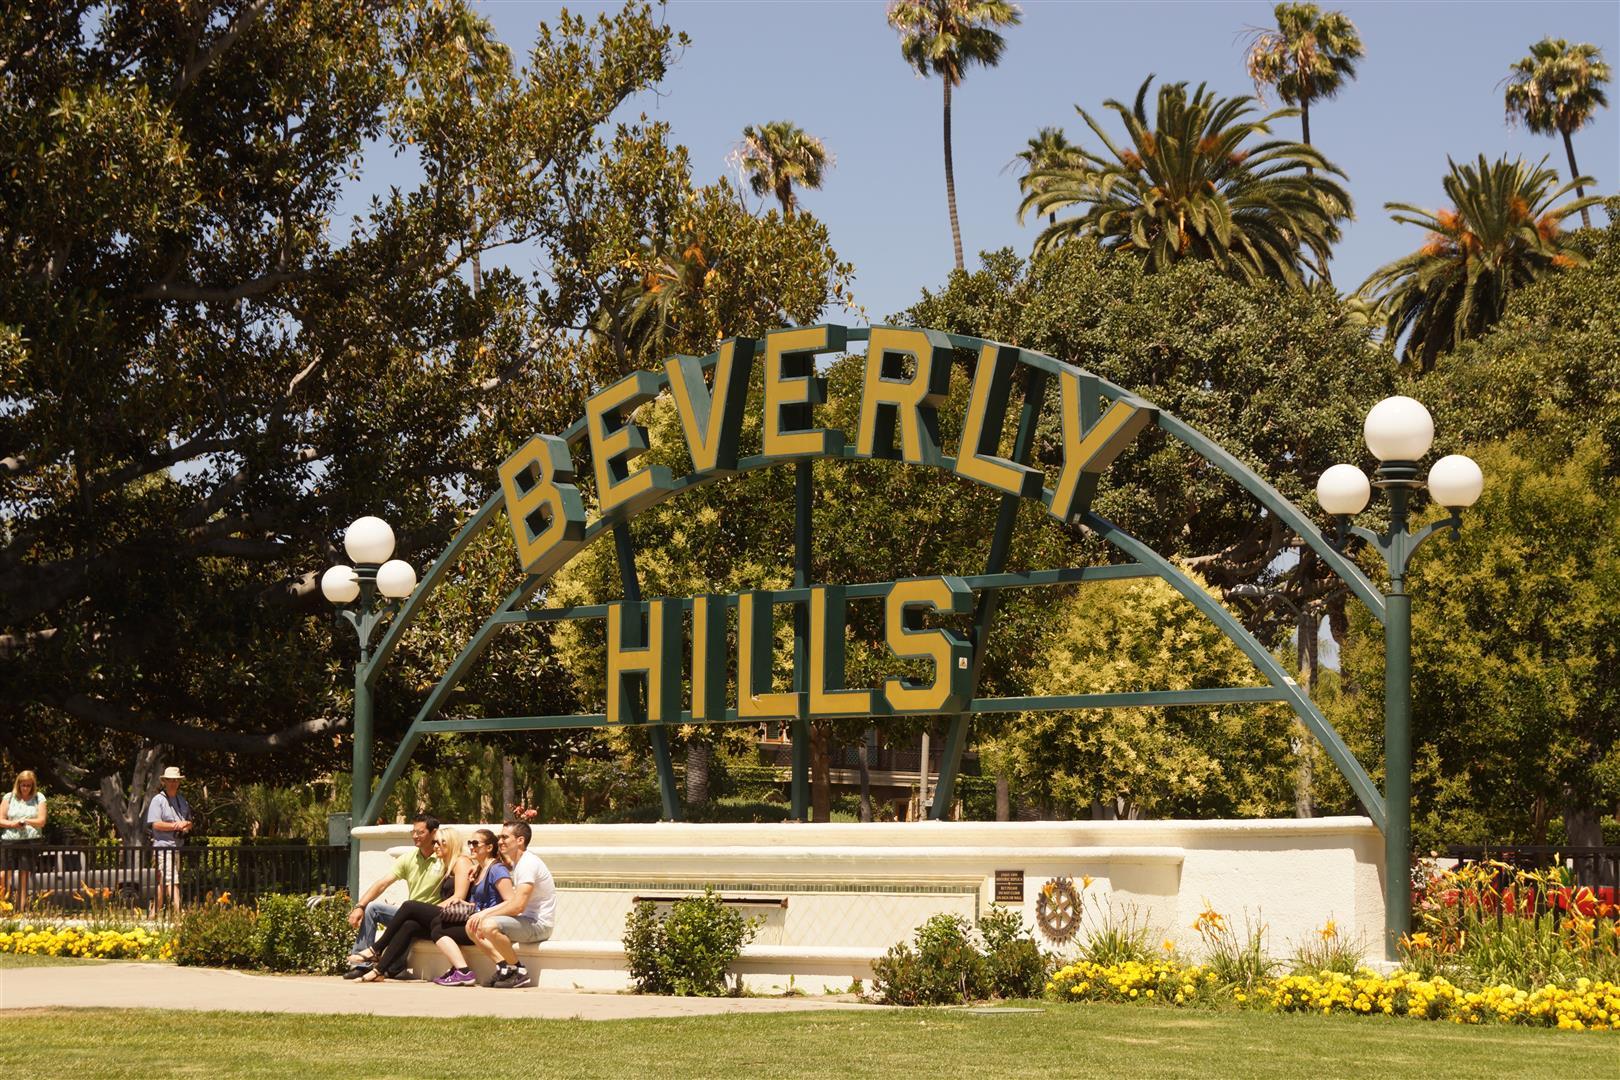 Beverly Hills und sein schöner Park! (Die anstehenden Touristen auf der linken Seite haben wir abgeschnitten)